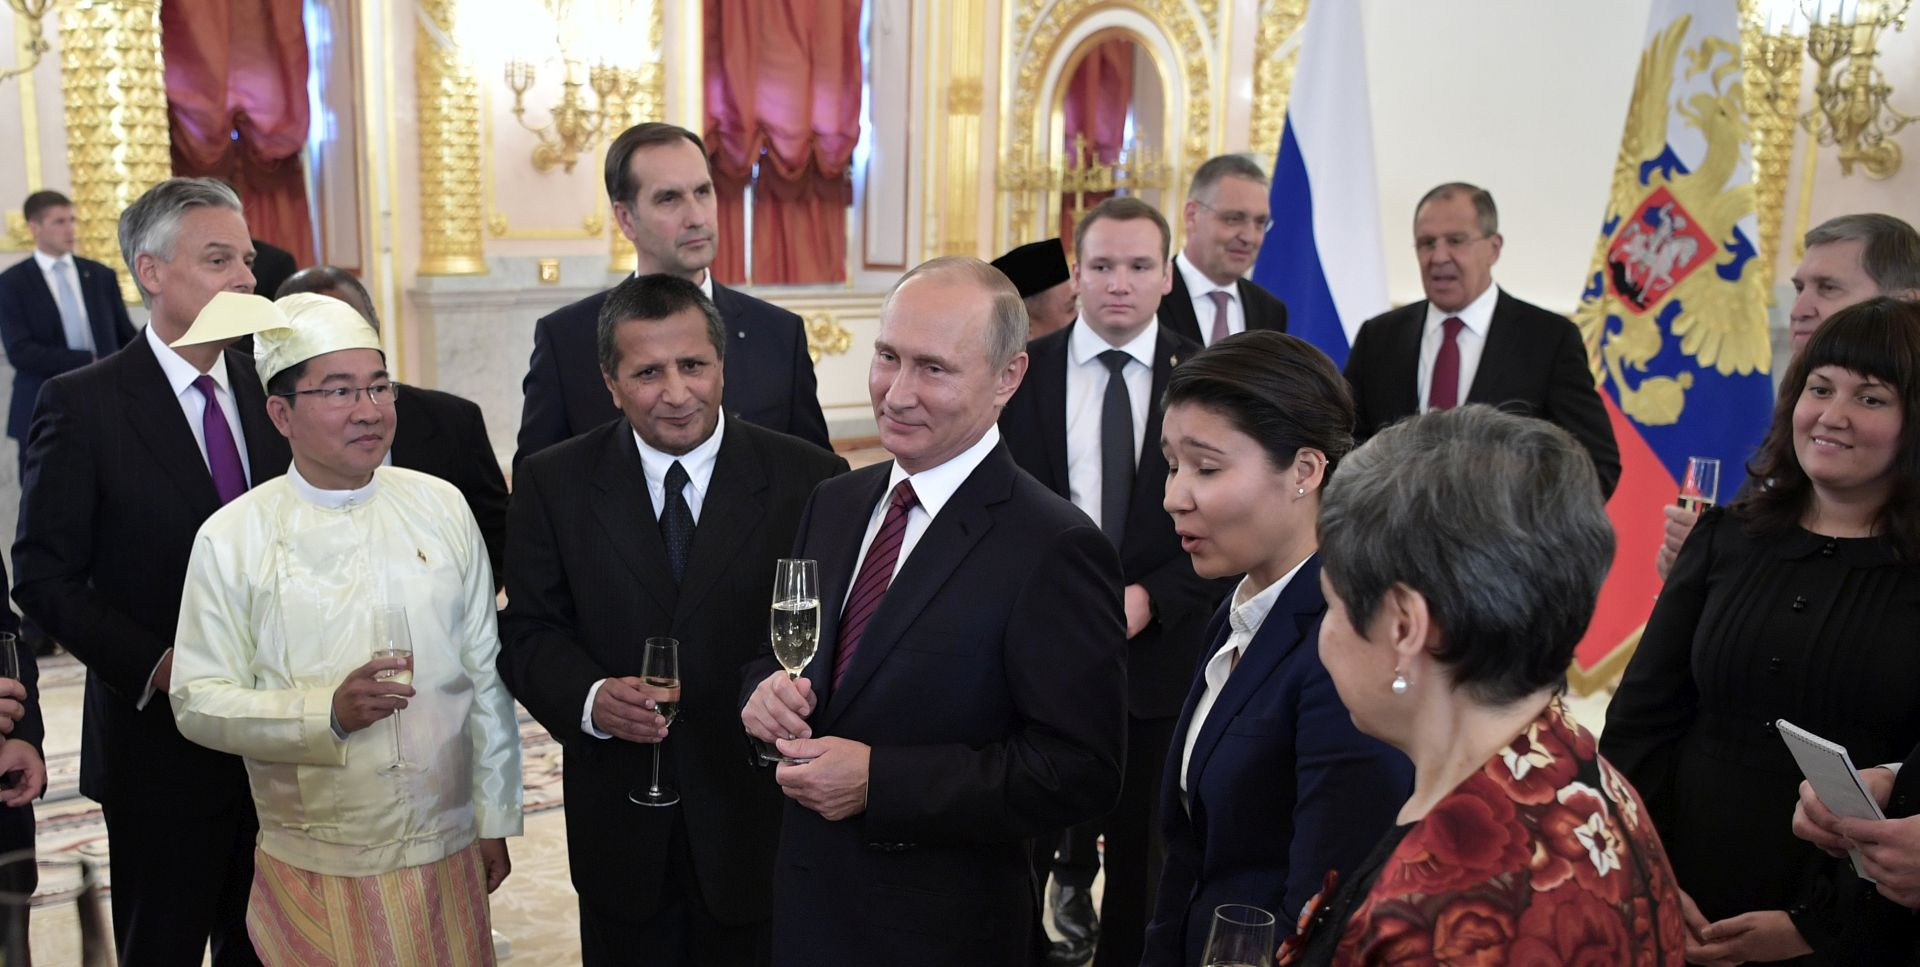 SP 2018 RUSIJA, PROBLEM U SAMARI Putin: Ne smijemo se opustiti